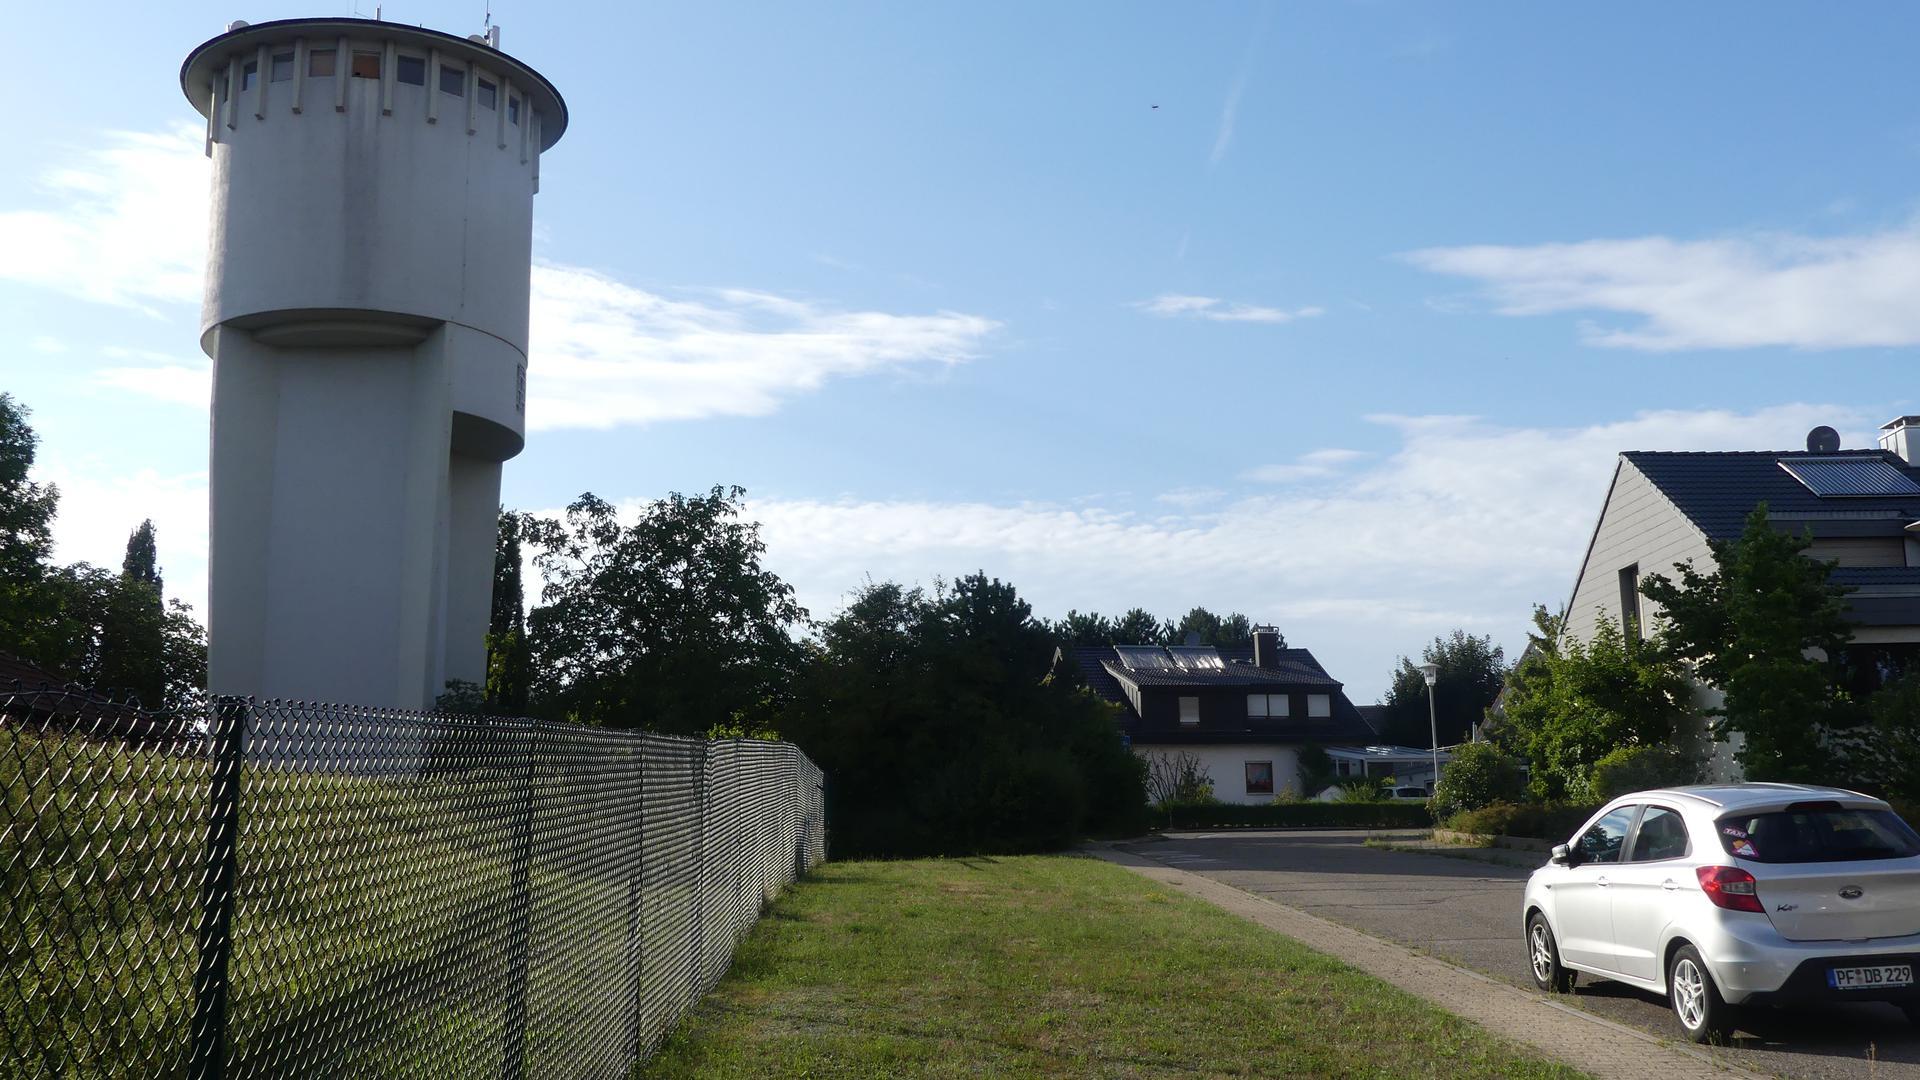 Blick auf den Wasserturm in Karlsbad-Spielberg, wo in den nächsten Tagen ein mobiler Funkturm installiert werden soll.